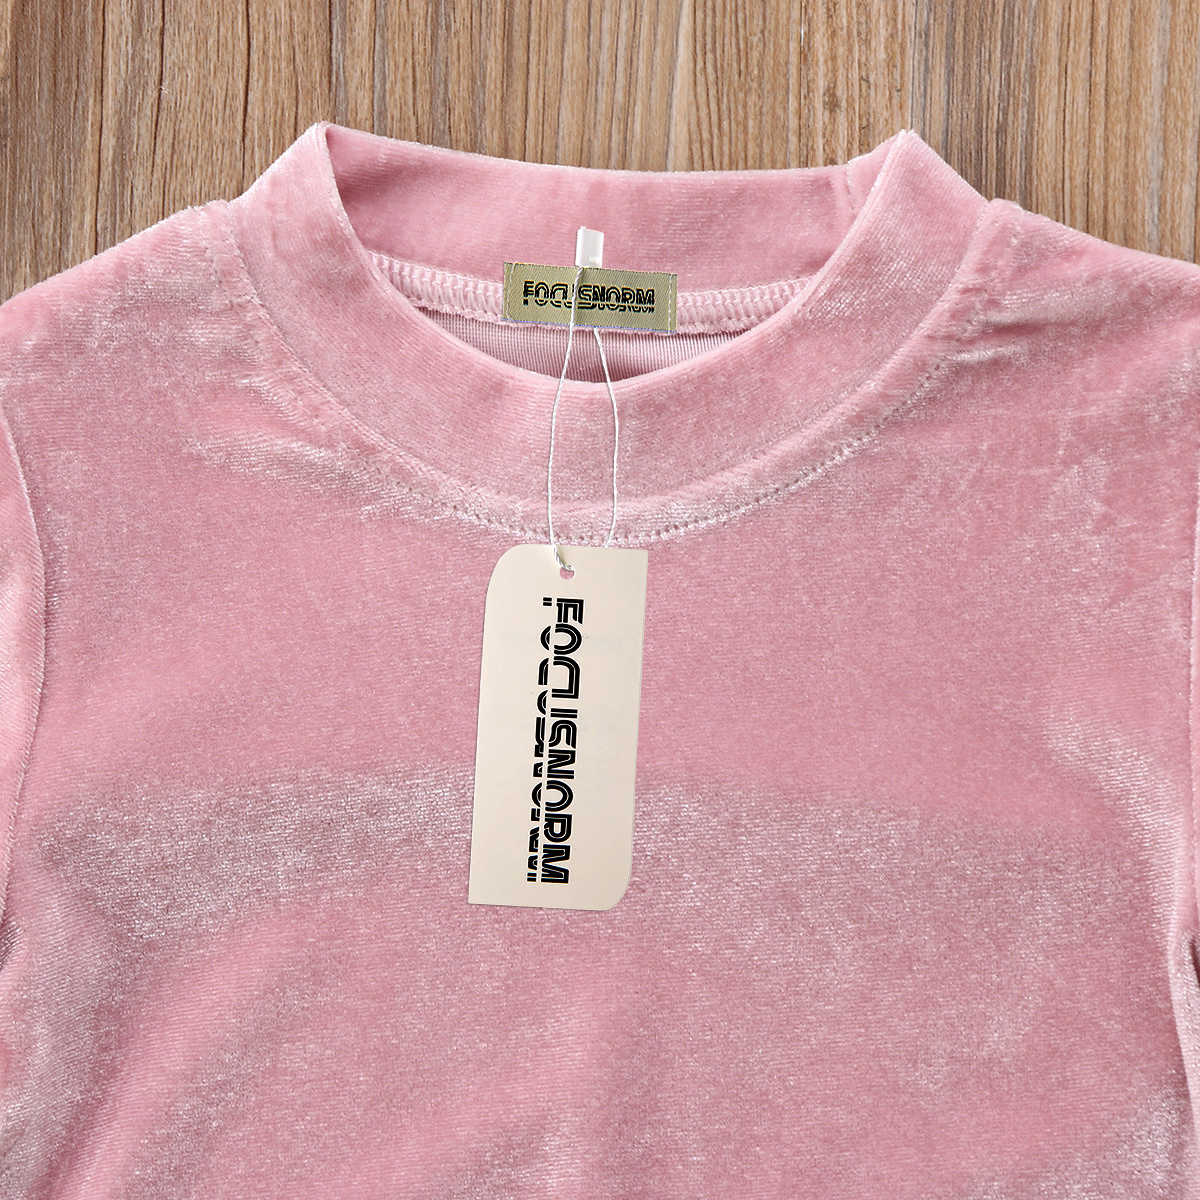 Милые Одежда для детей; малышей; девочек бархат флис Топы корректирующие рюшами футболка с длинным рукавом свитер с длинными рукавами одежда